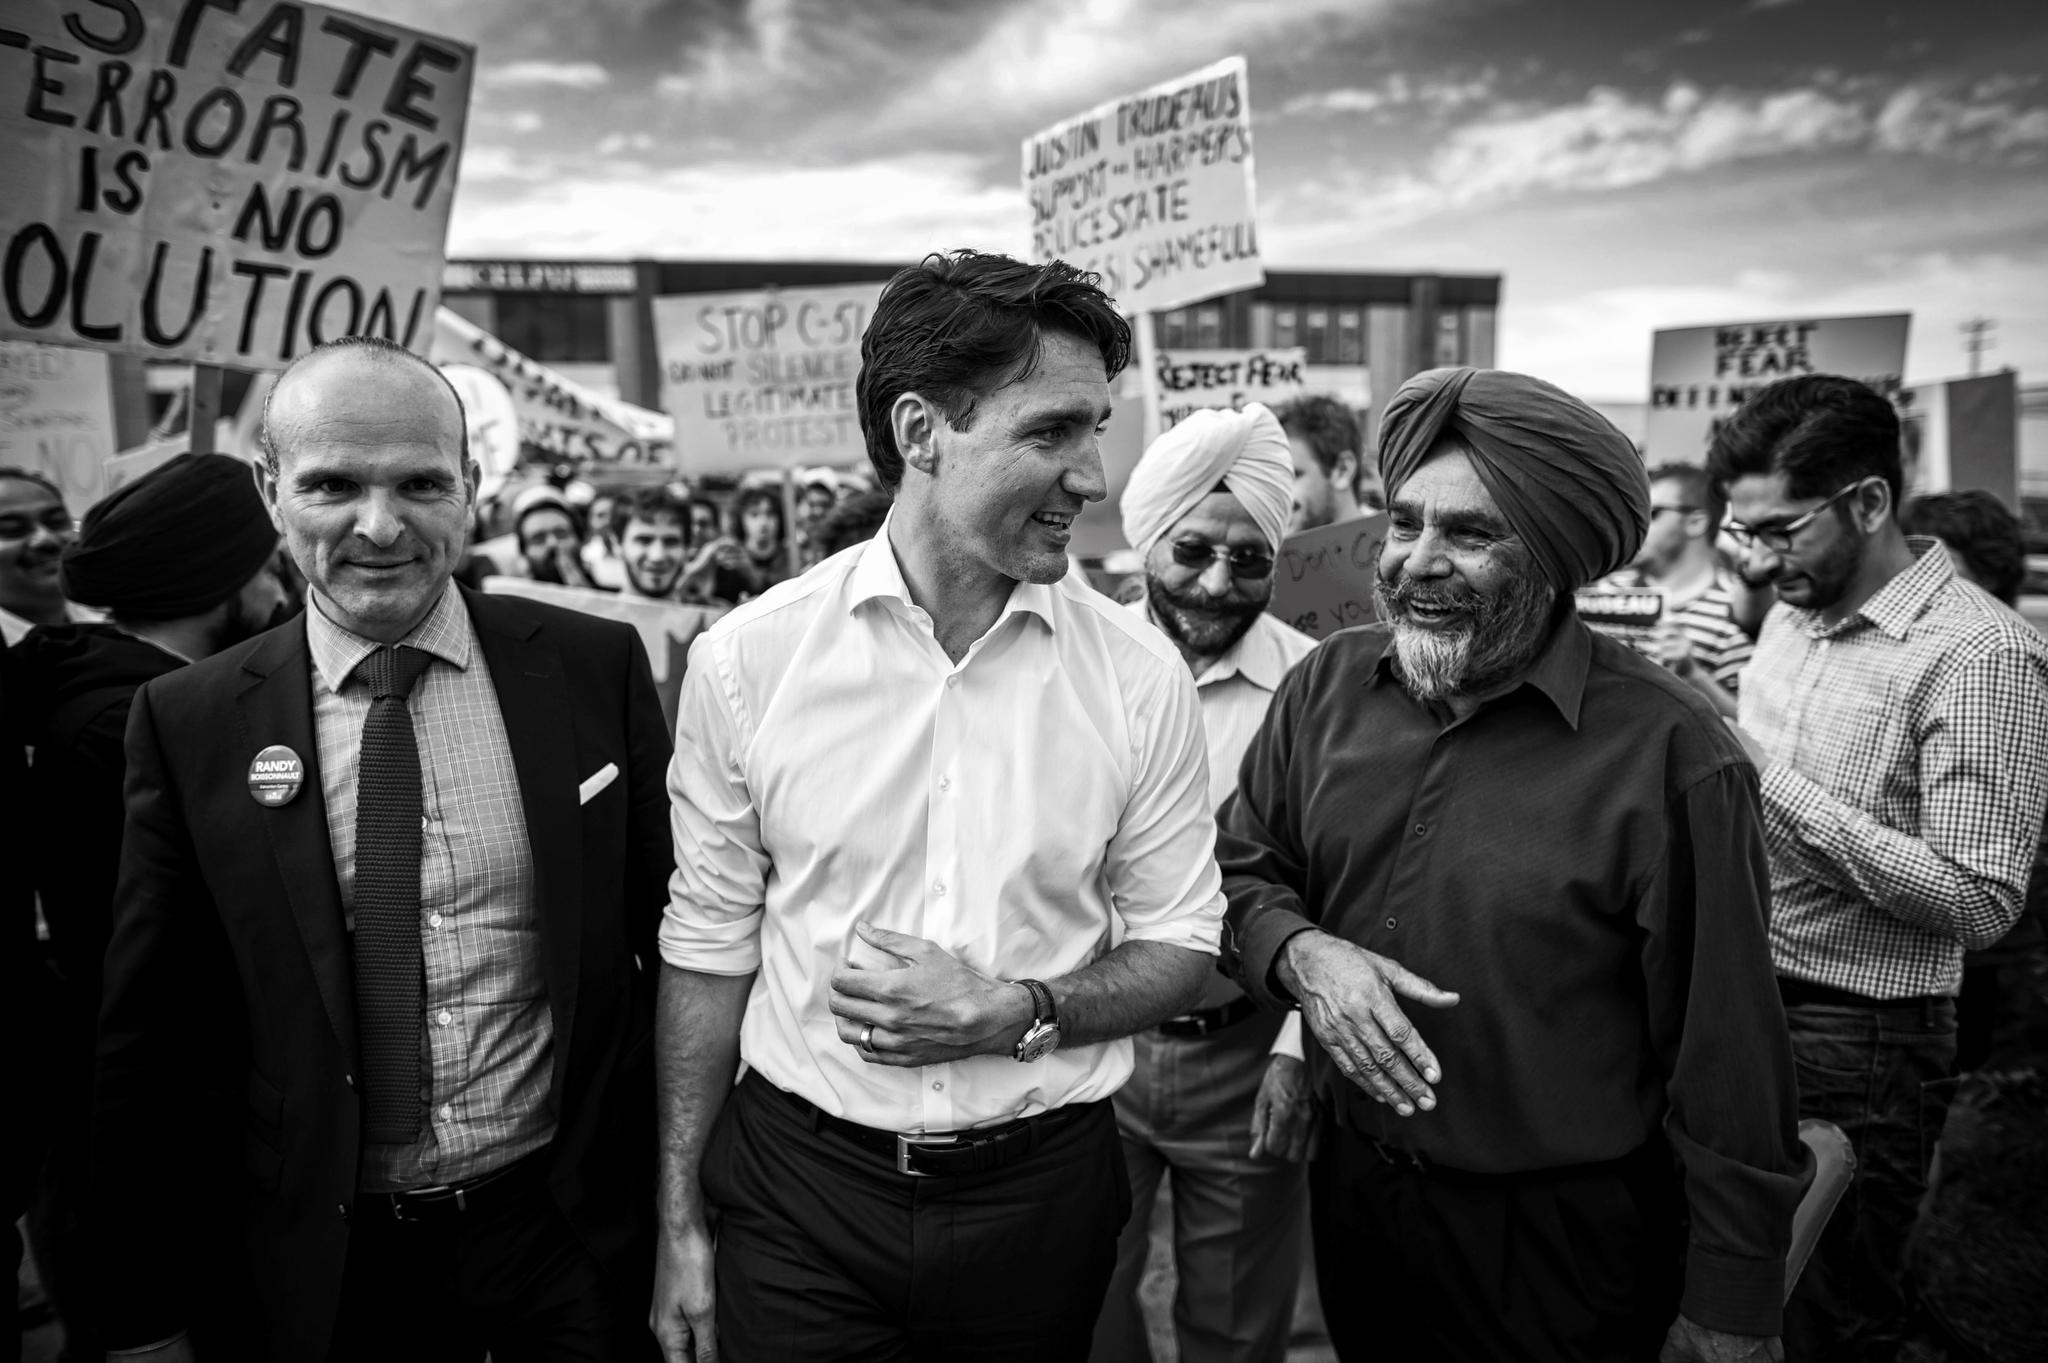 Trudeau image